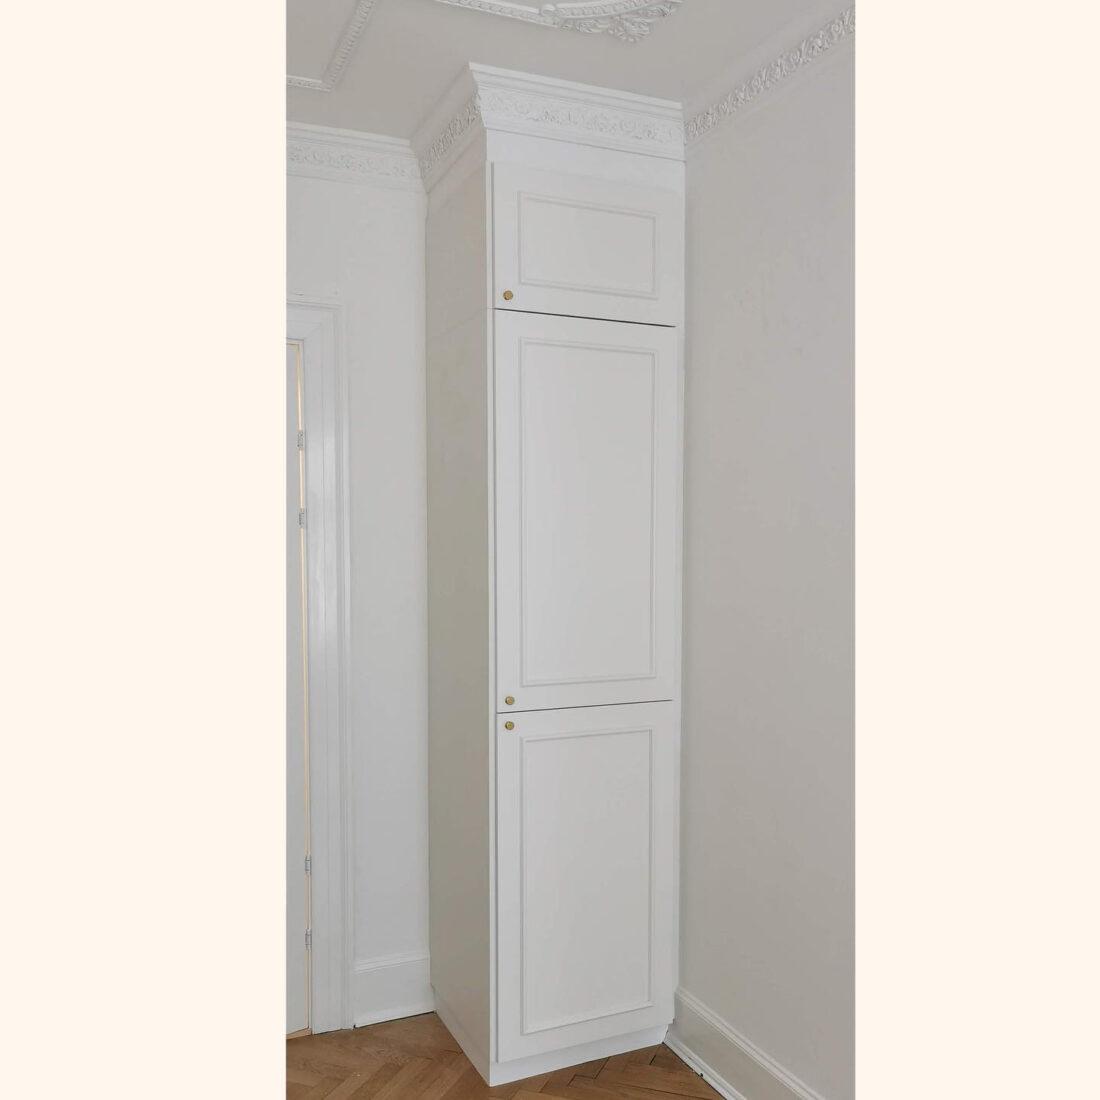 Indbygget garderobe med special- og snedker-lavede låger